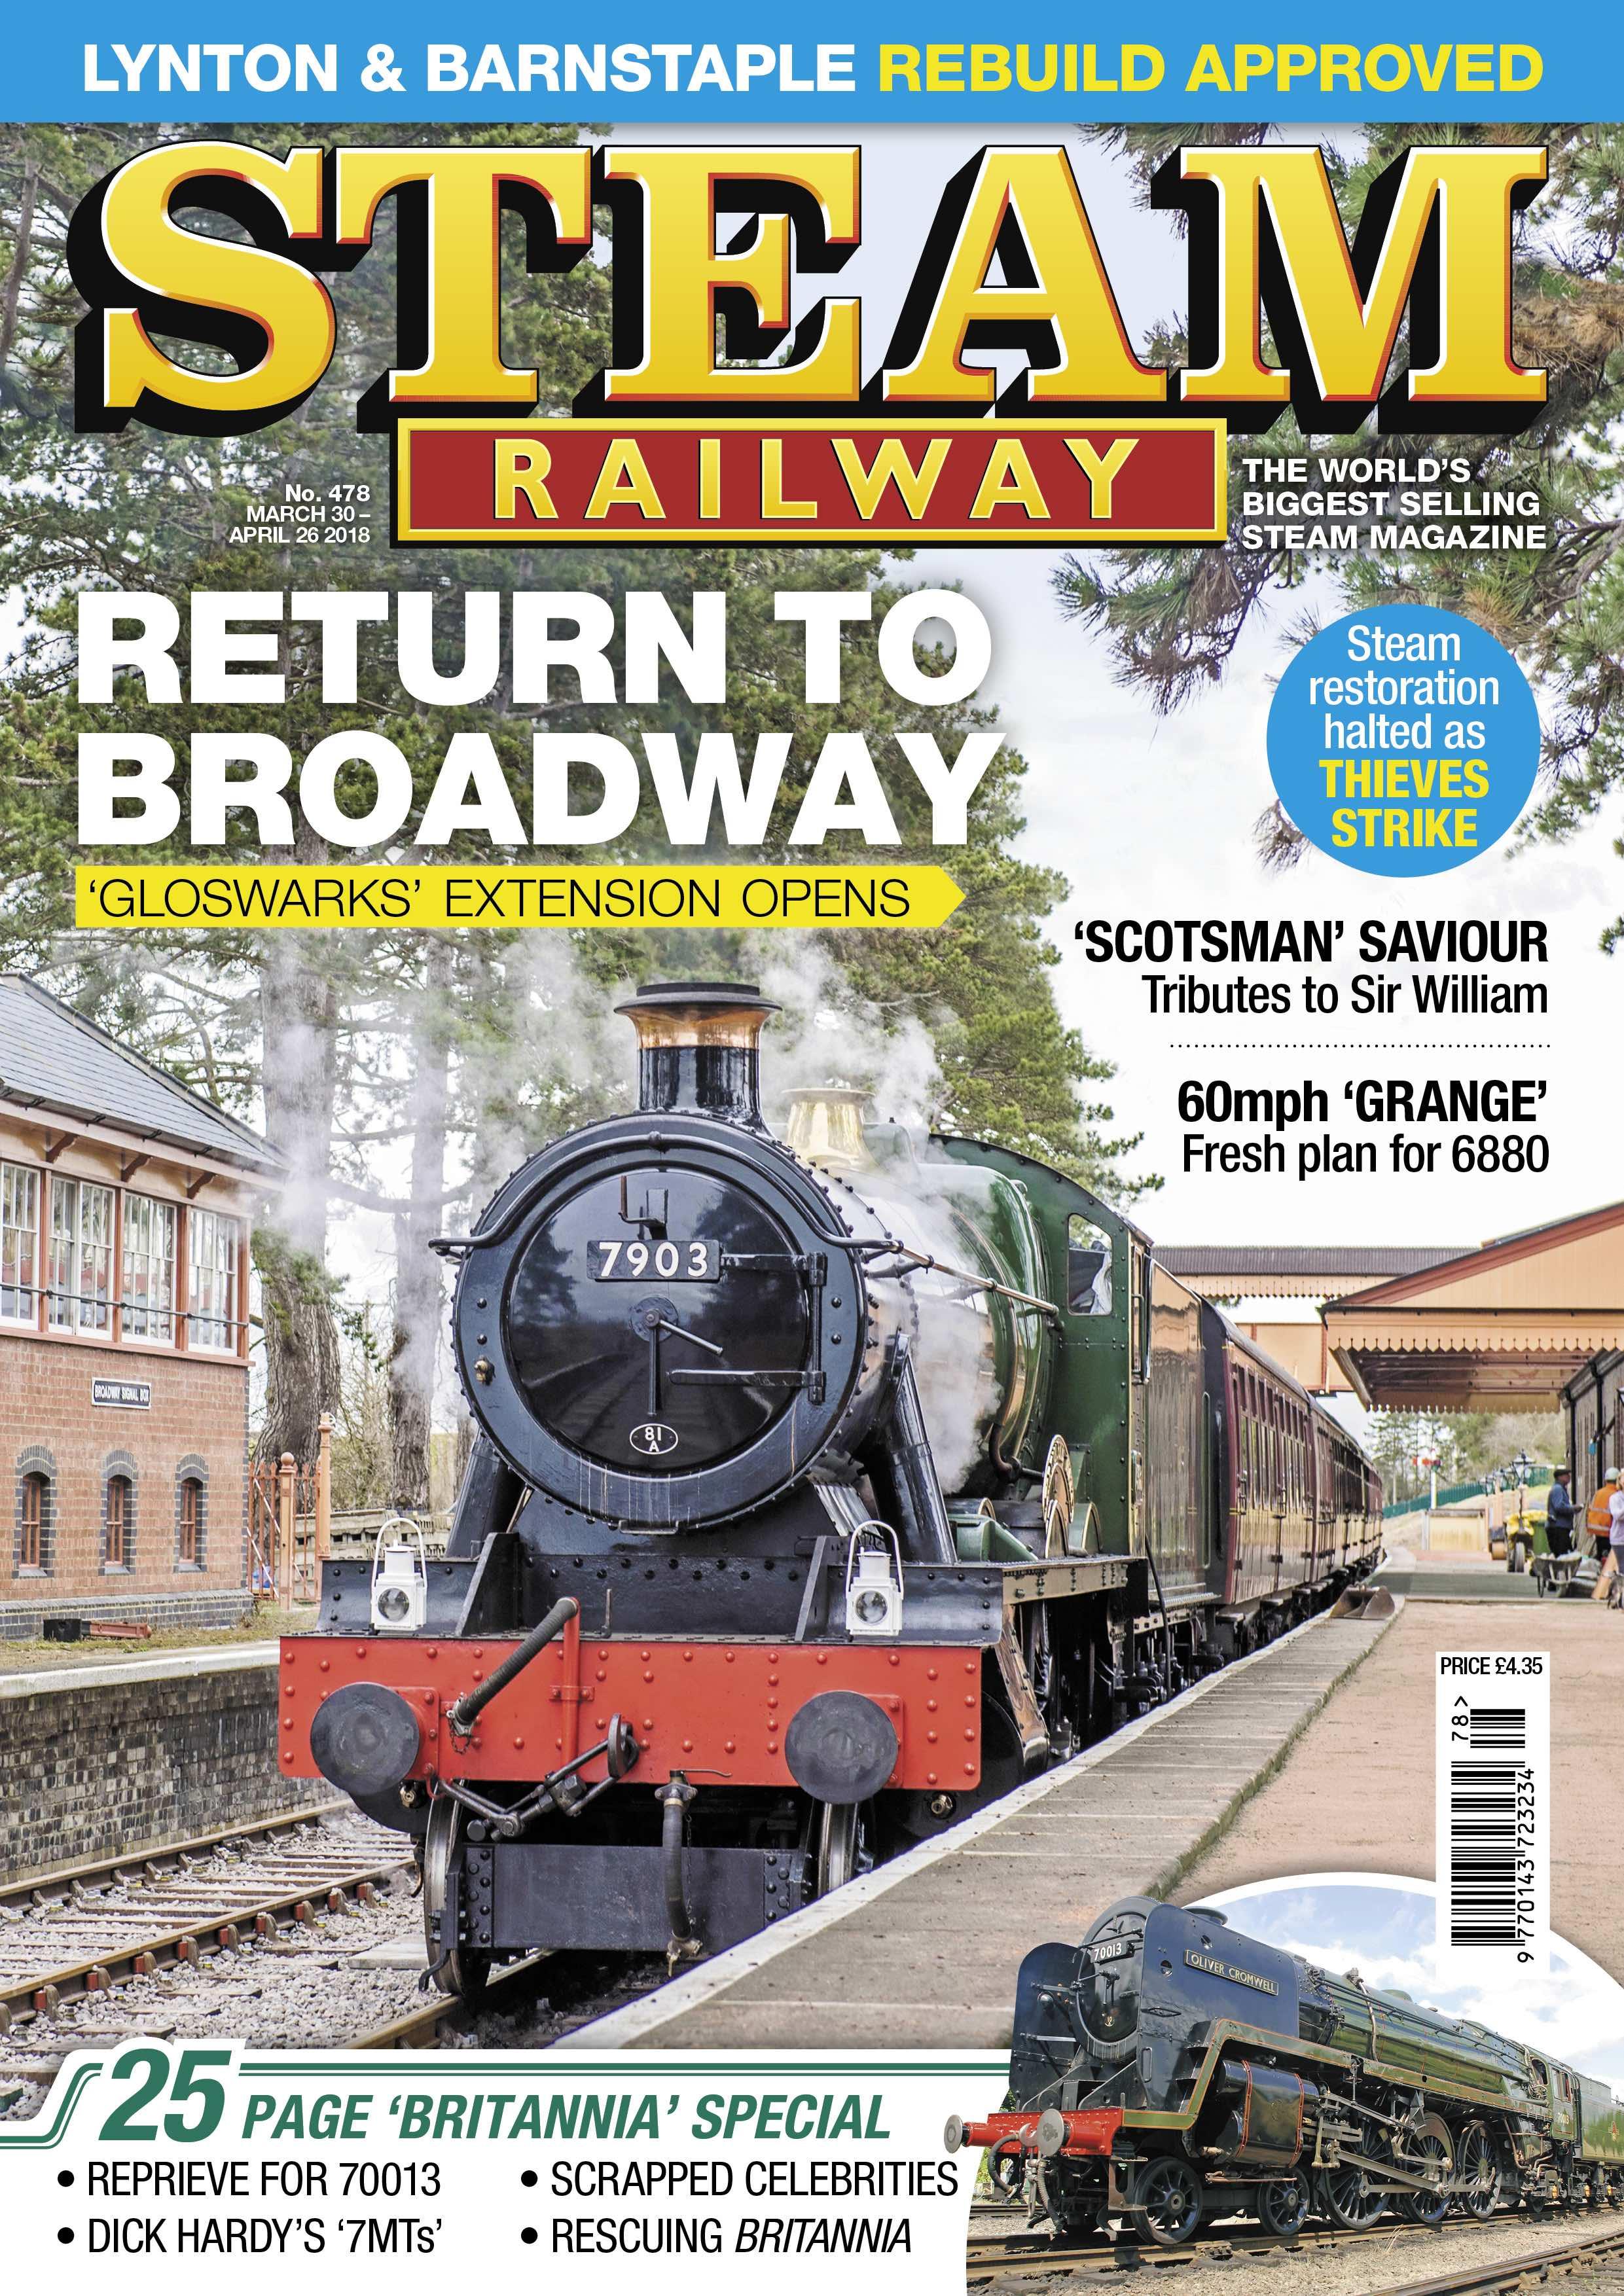 Steam Railway  SR478 - on sale NOW!